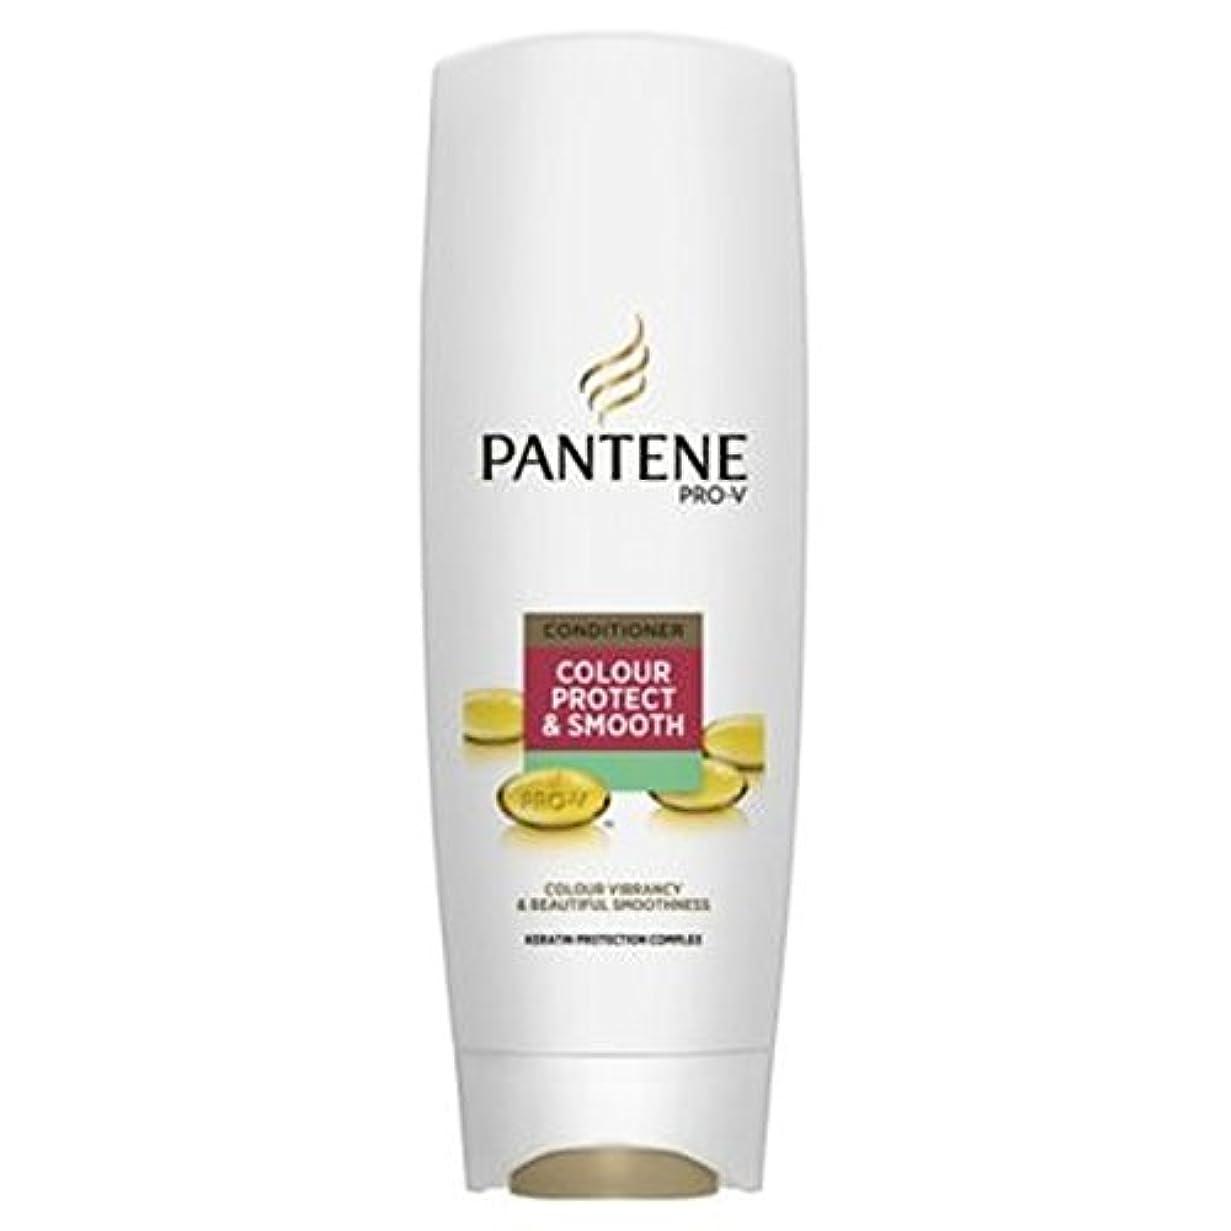 埋める不純八百屋パンテーンプロVの色保護&スムーズコンディショナー360ミリリットル (Pantene) (x2) - Pantene Pro-V Colour Protect & Smooth Conditioner 360ml (Pack...